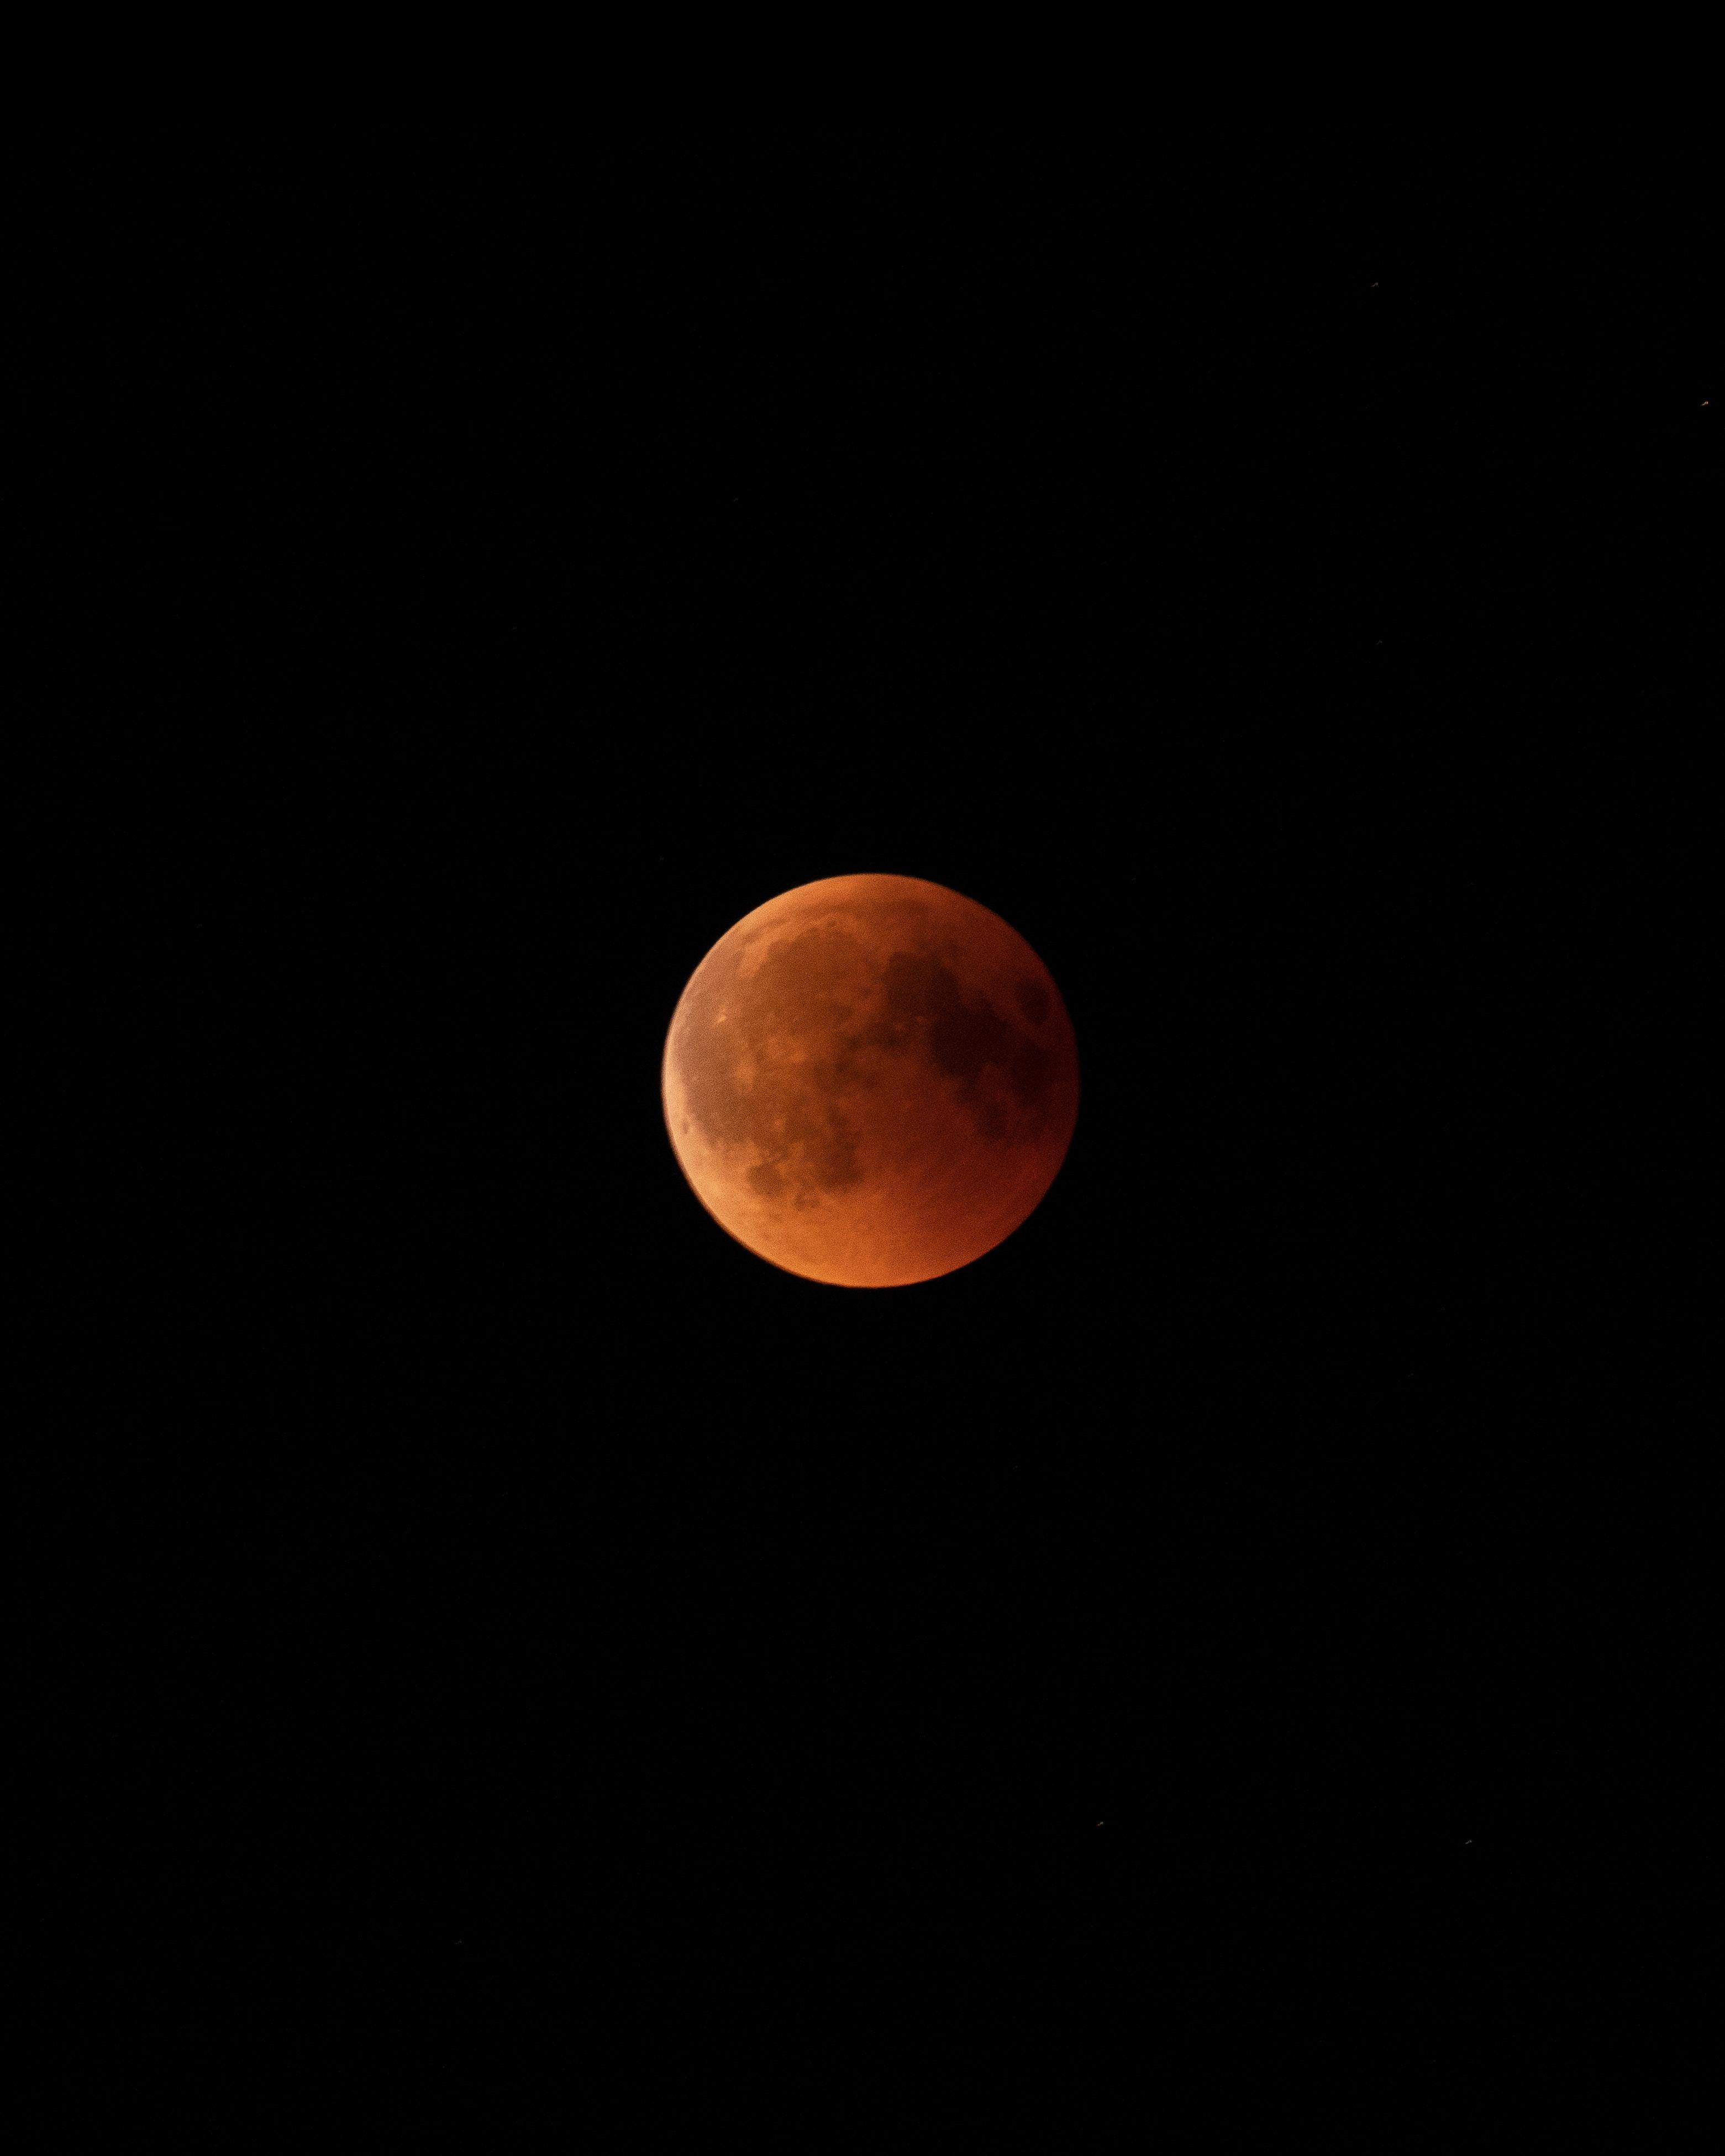 83726 скачать обои Луна, Космос, Ночь, Полнолуние, Спутник - заставки и картинки бесплатно